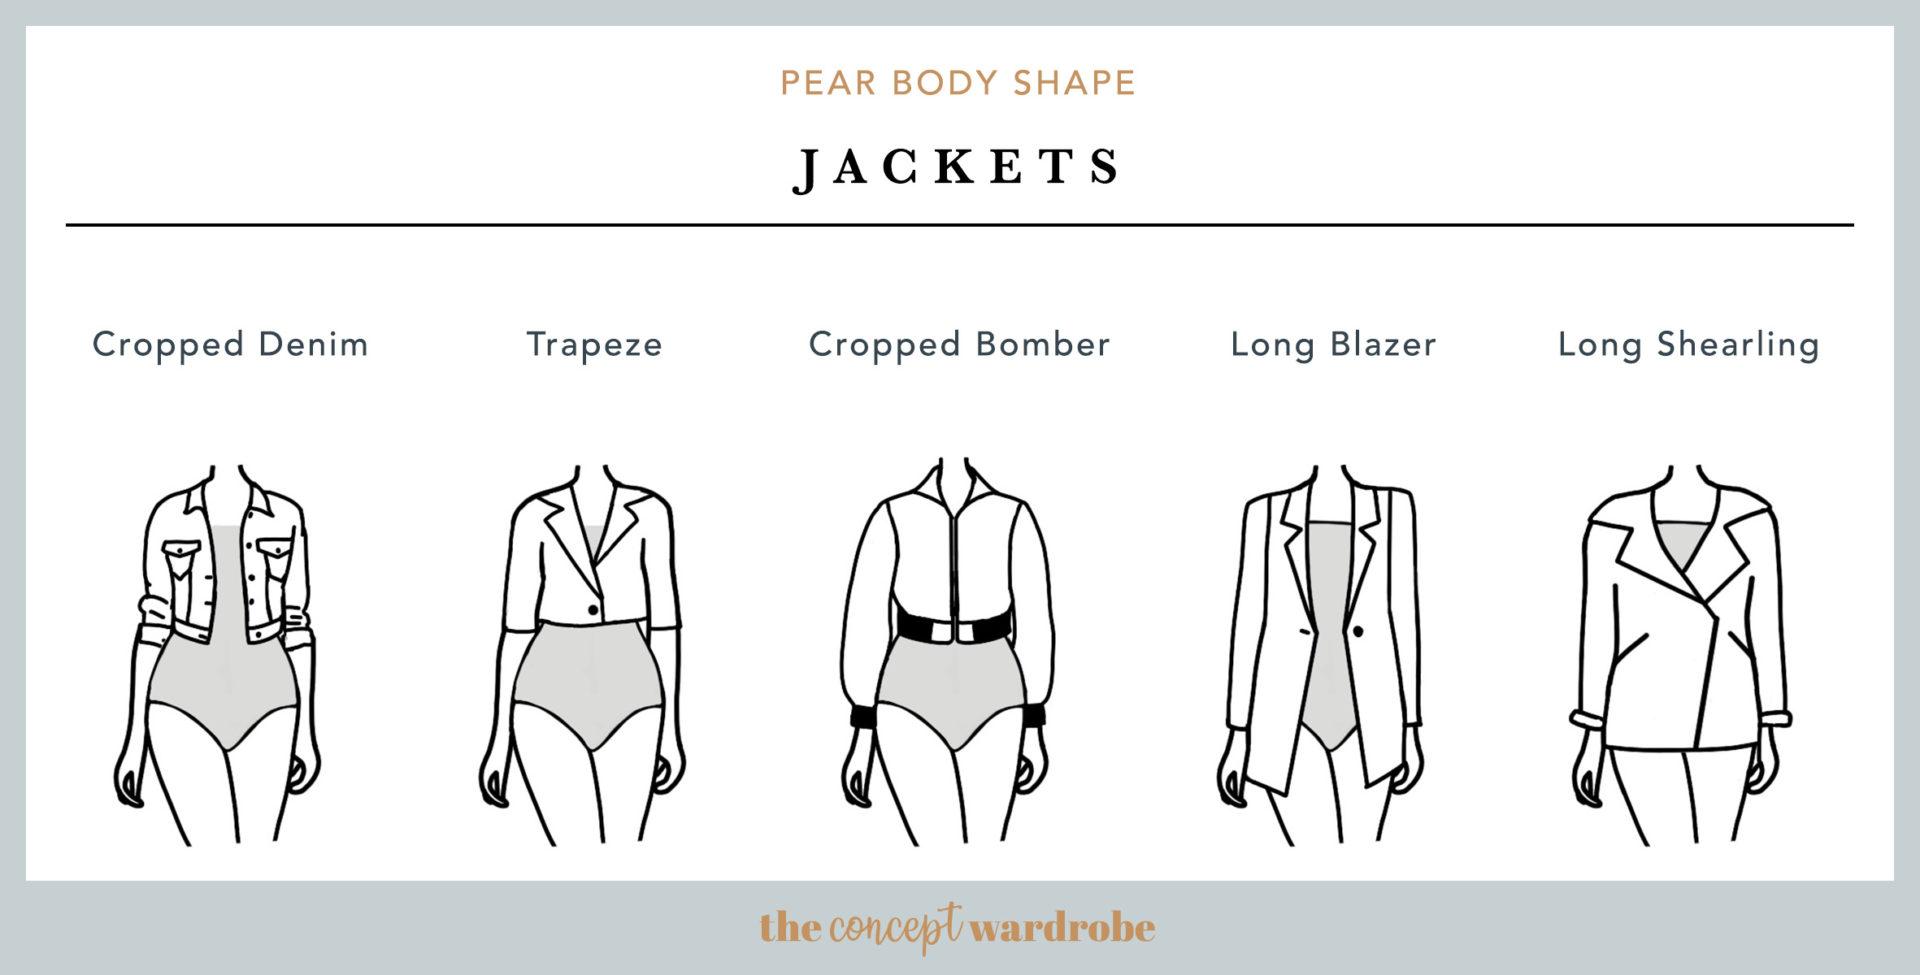 Pear Body Shape Jackets - the concept wardrobe